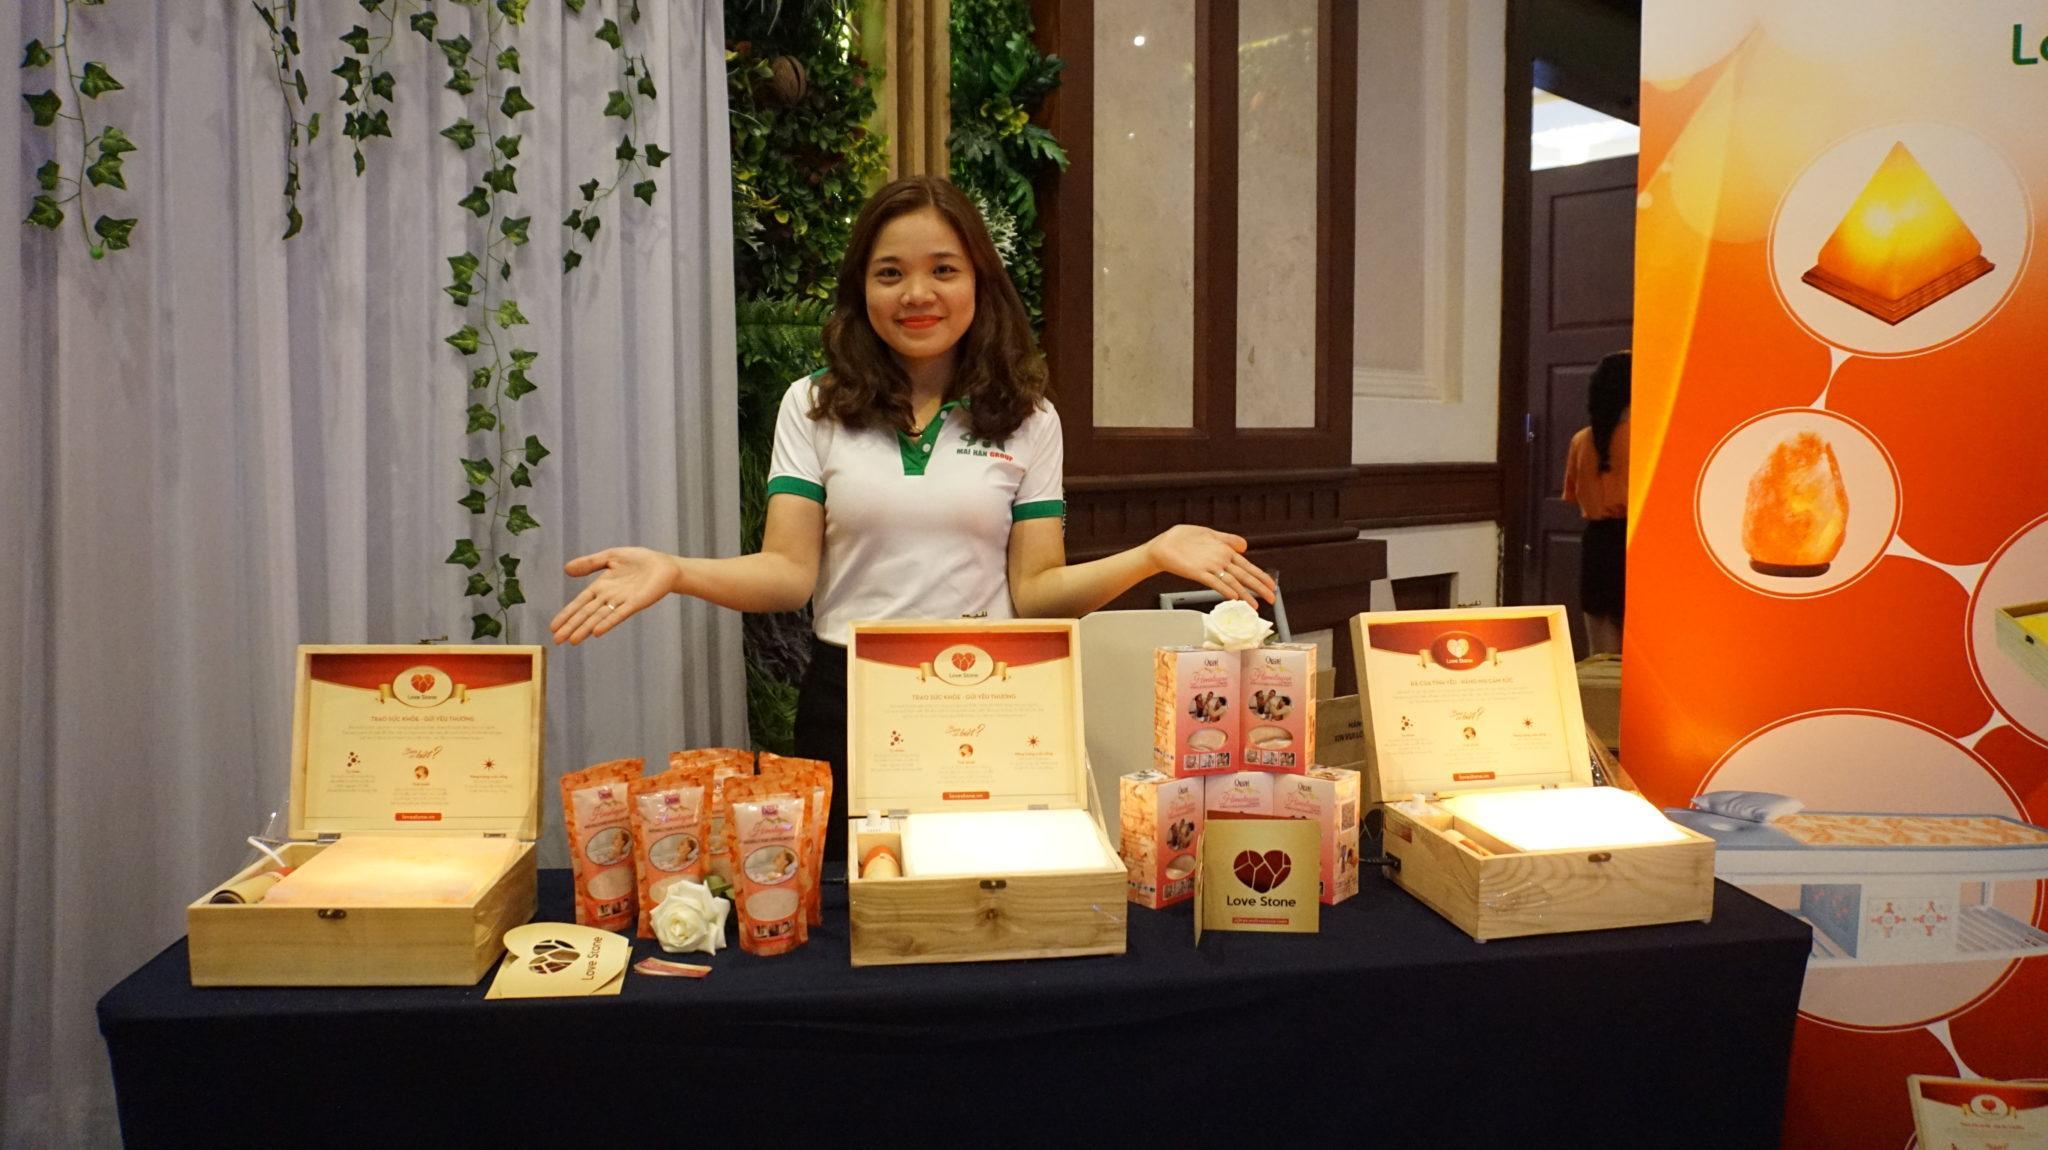 Bật mí địa điểm mua hộp đá muối massage chân chất lượng nhất tại Quảng Trị